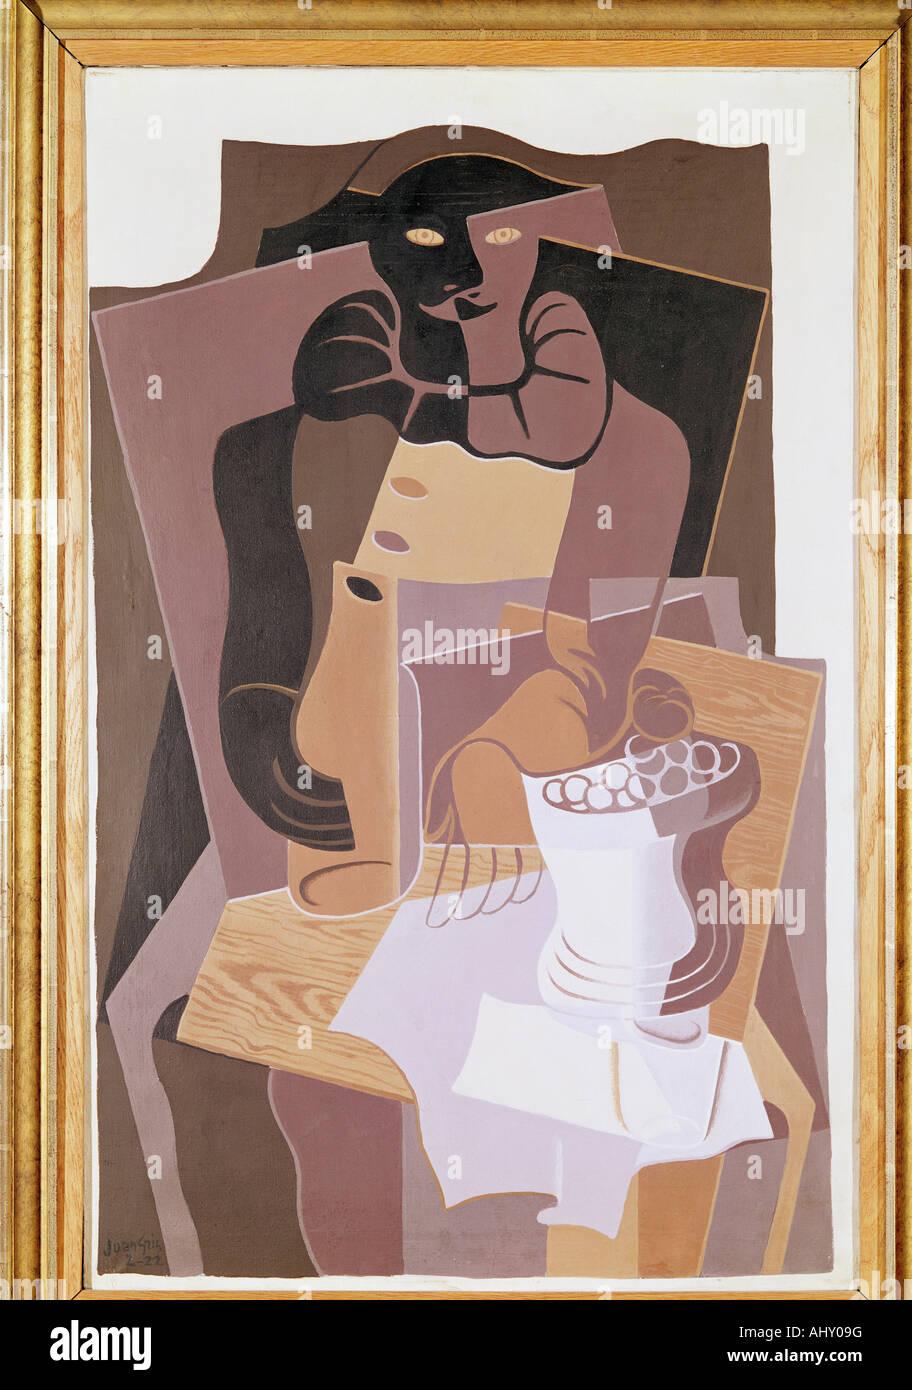 'Fine Arts, Gris, Juan, (1887 - 1927), peinture, 'Pierrot', 1922, huile sur toile, 100 cm x 64 cm, von Photo Stock